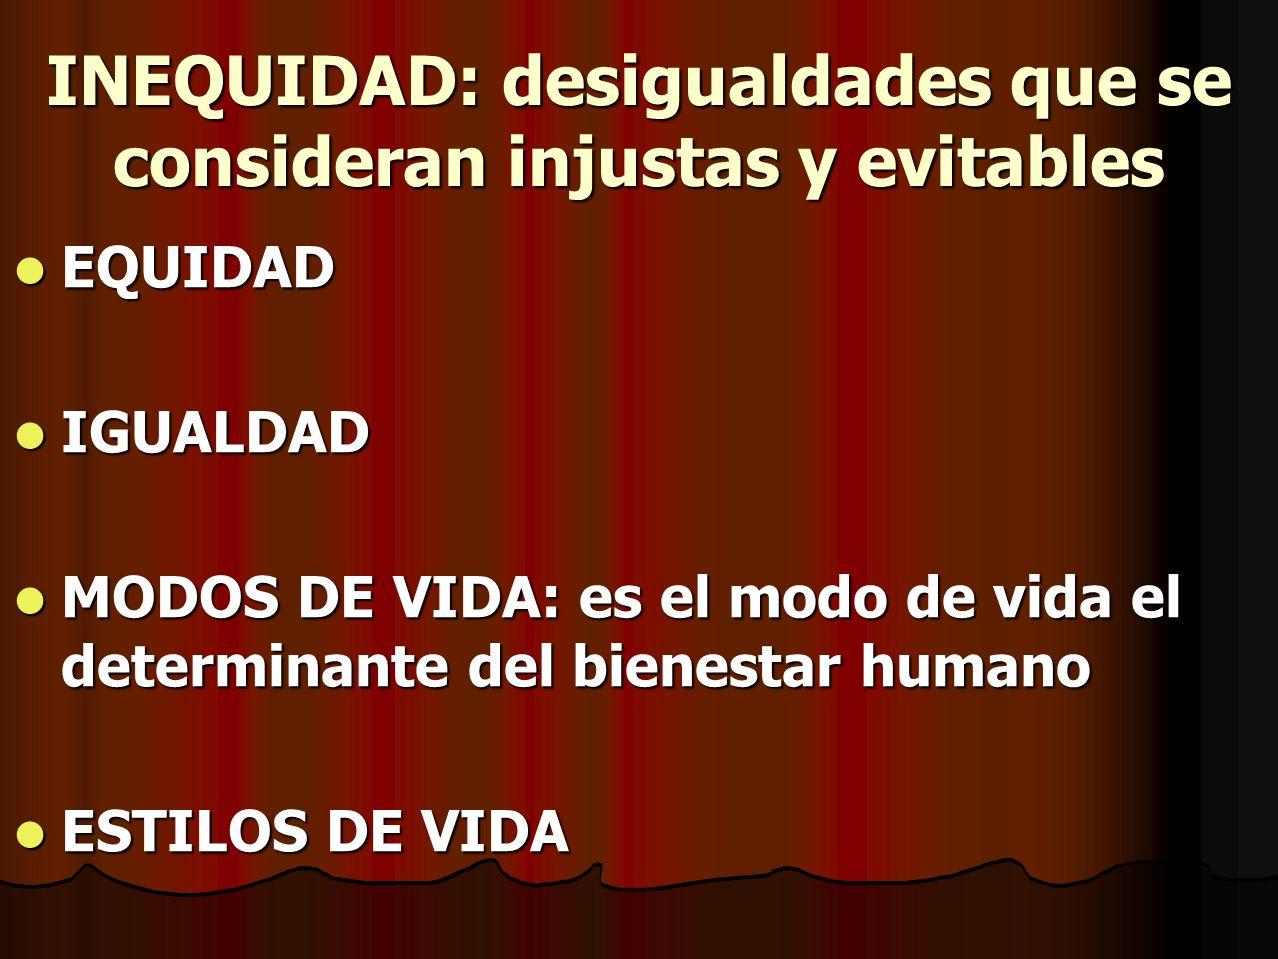 INEQUIDAD: desigualdades que se consideran injustas y evitables EQUIDAD EQUIDAD IGUALDAD IGUALDAD MODOS DE VIDA: es el modo de vida el determinante de